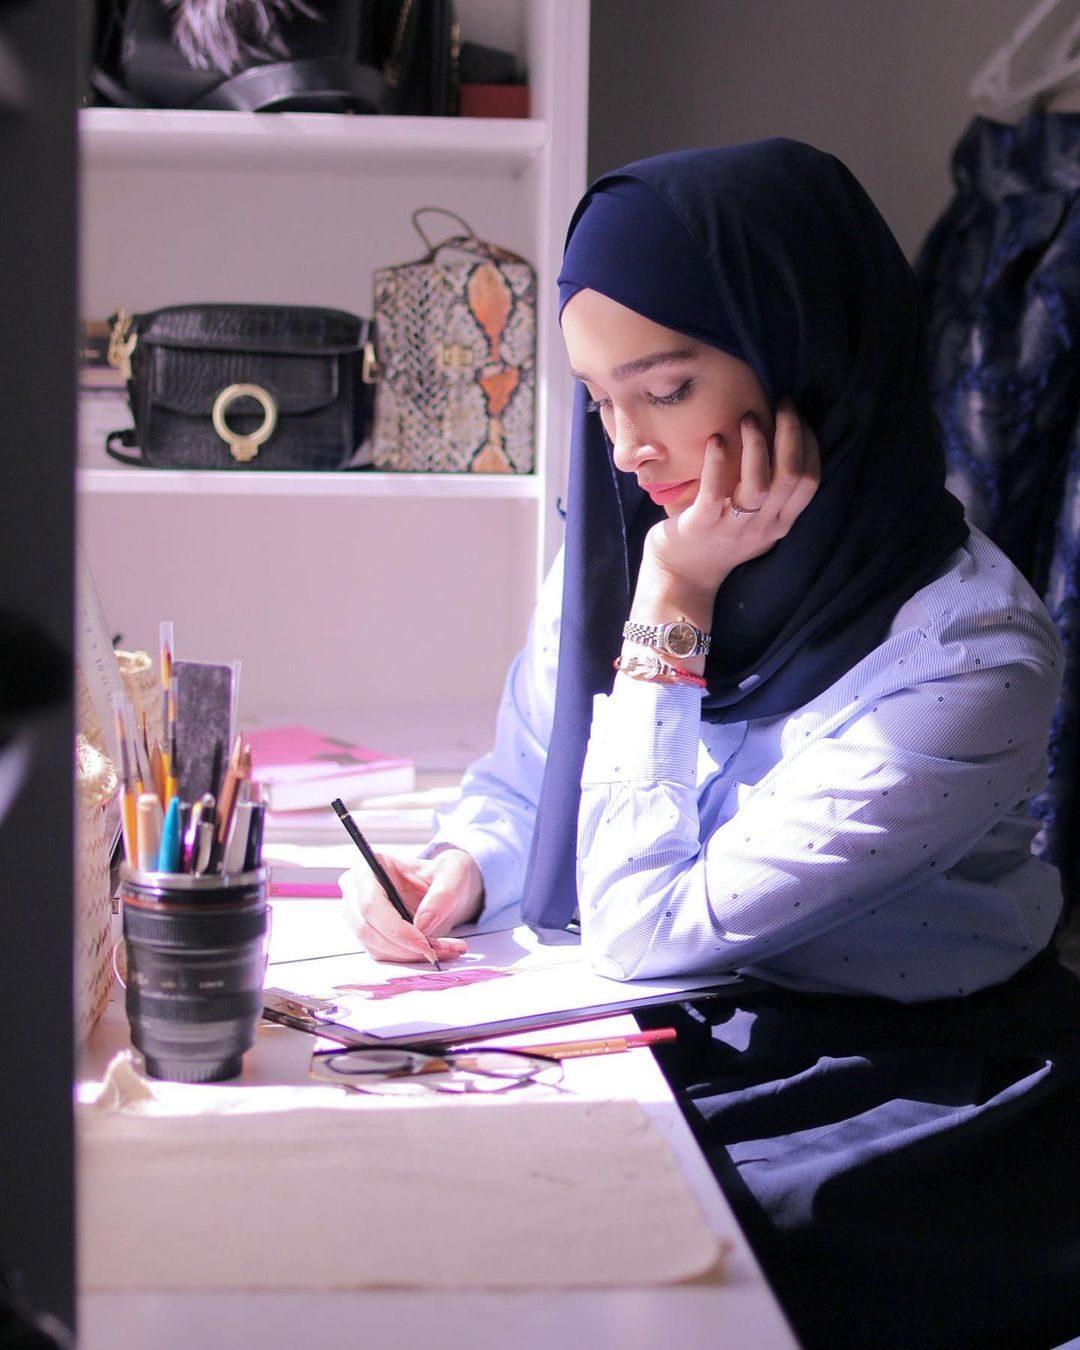 بیوگرافی سیده آناشید حسینی